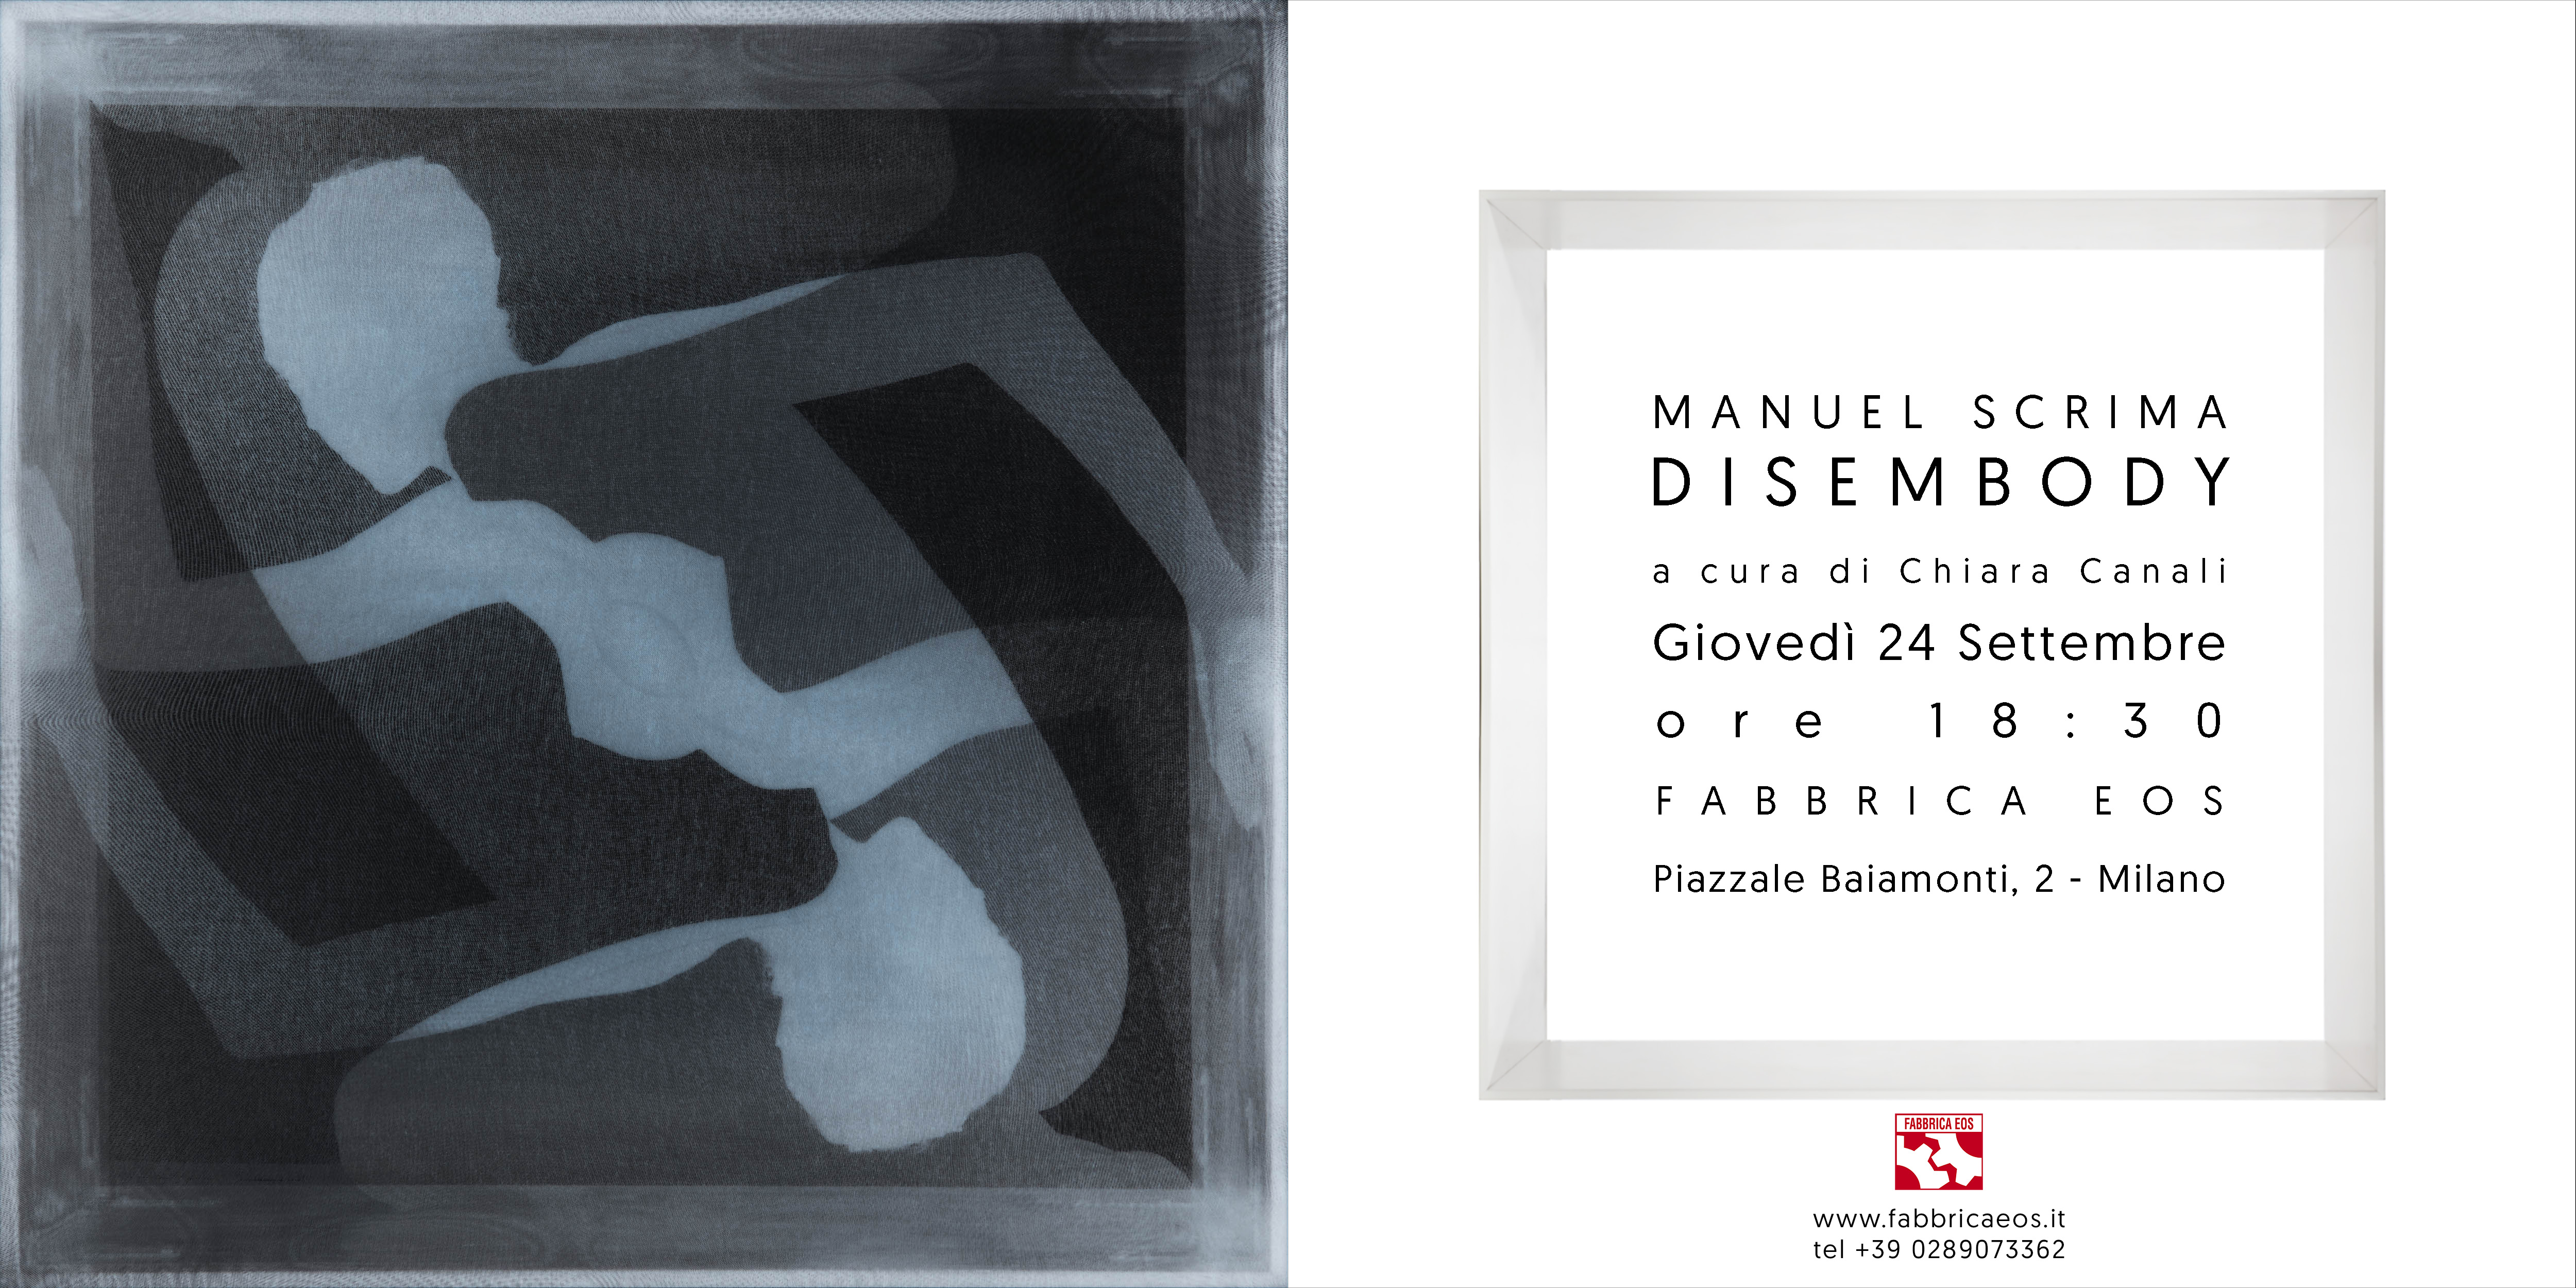 invito - disembody - manuel scrima - fabbrica eos --new font